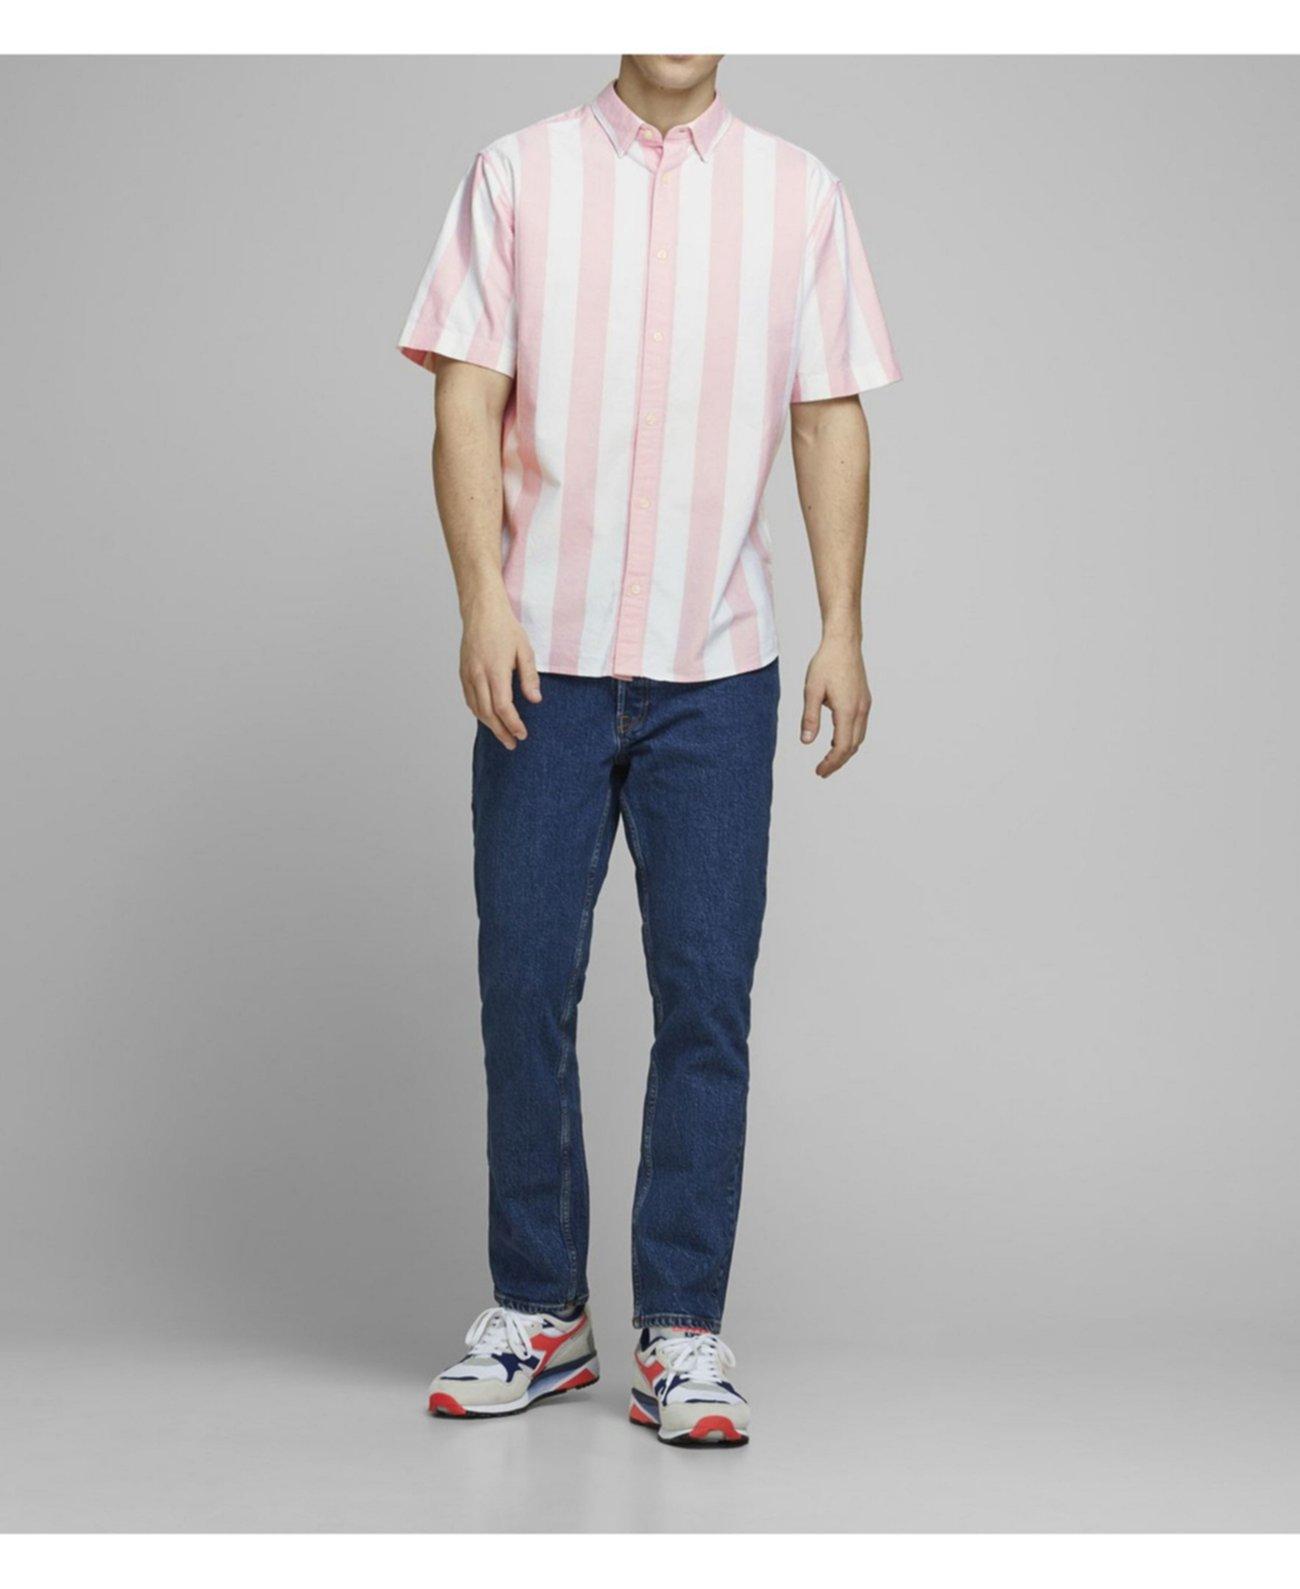 симс 4 рубашка с коротким рукавом